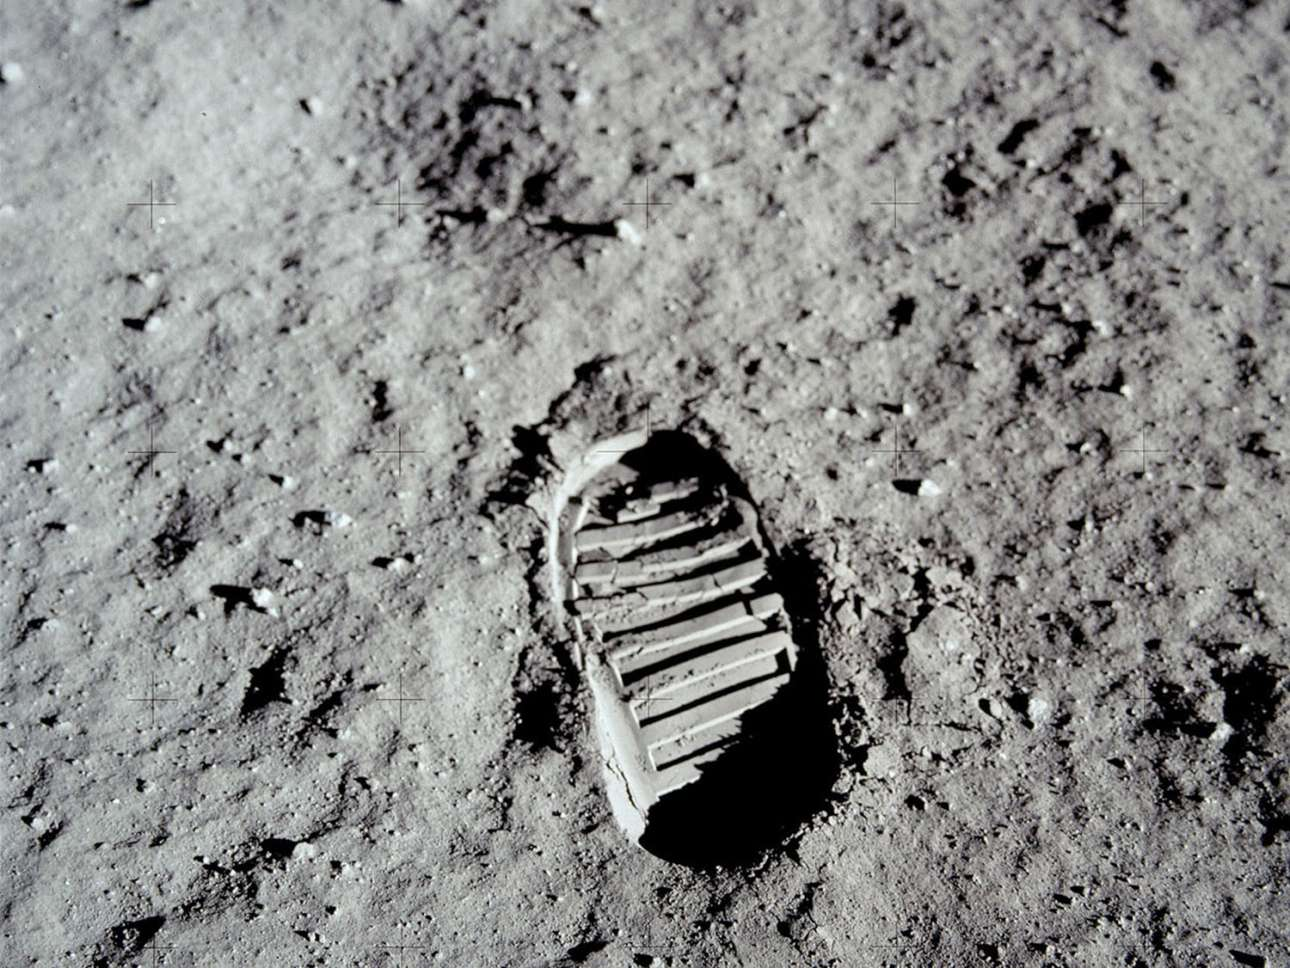 Το αποτύπωμα του Μπαζ Ολντριν, του δεύτερου ανθρώπου στην Ιστορία που περπάτησε πάνω στη Σελήνη